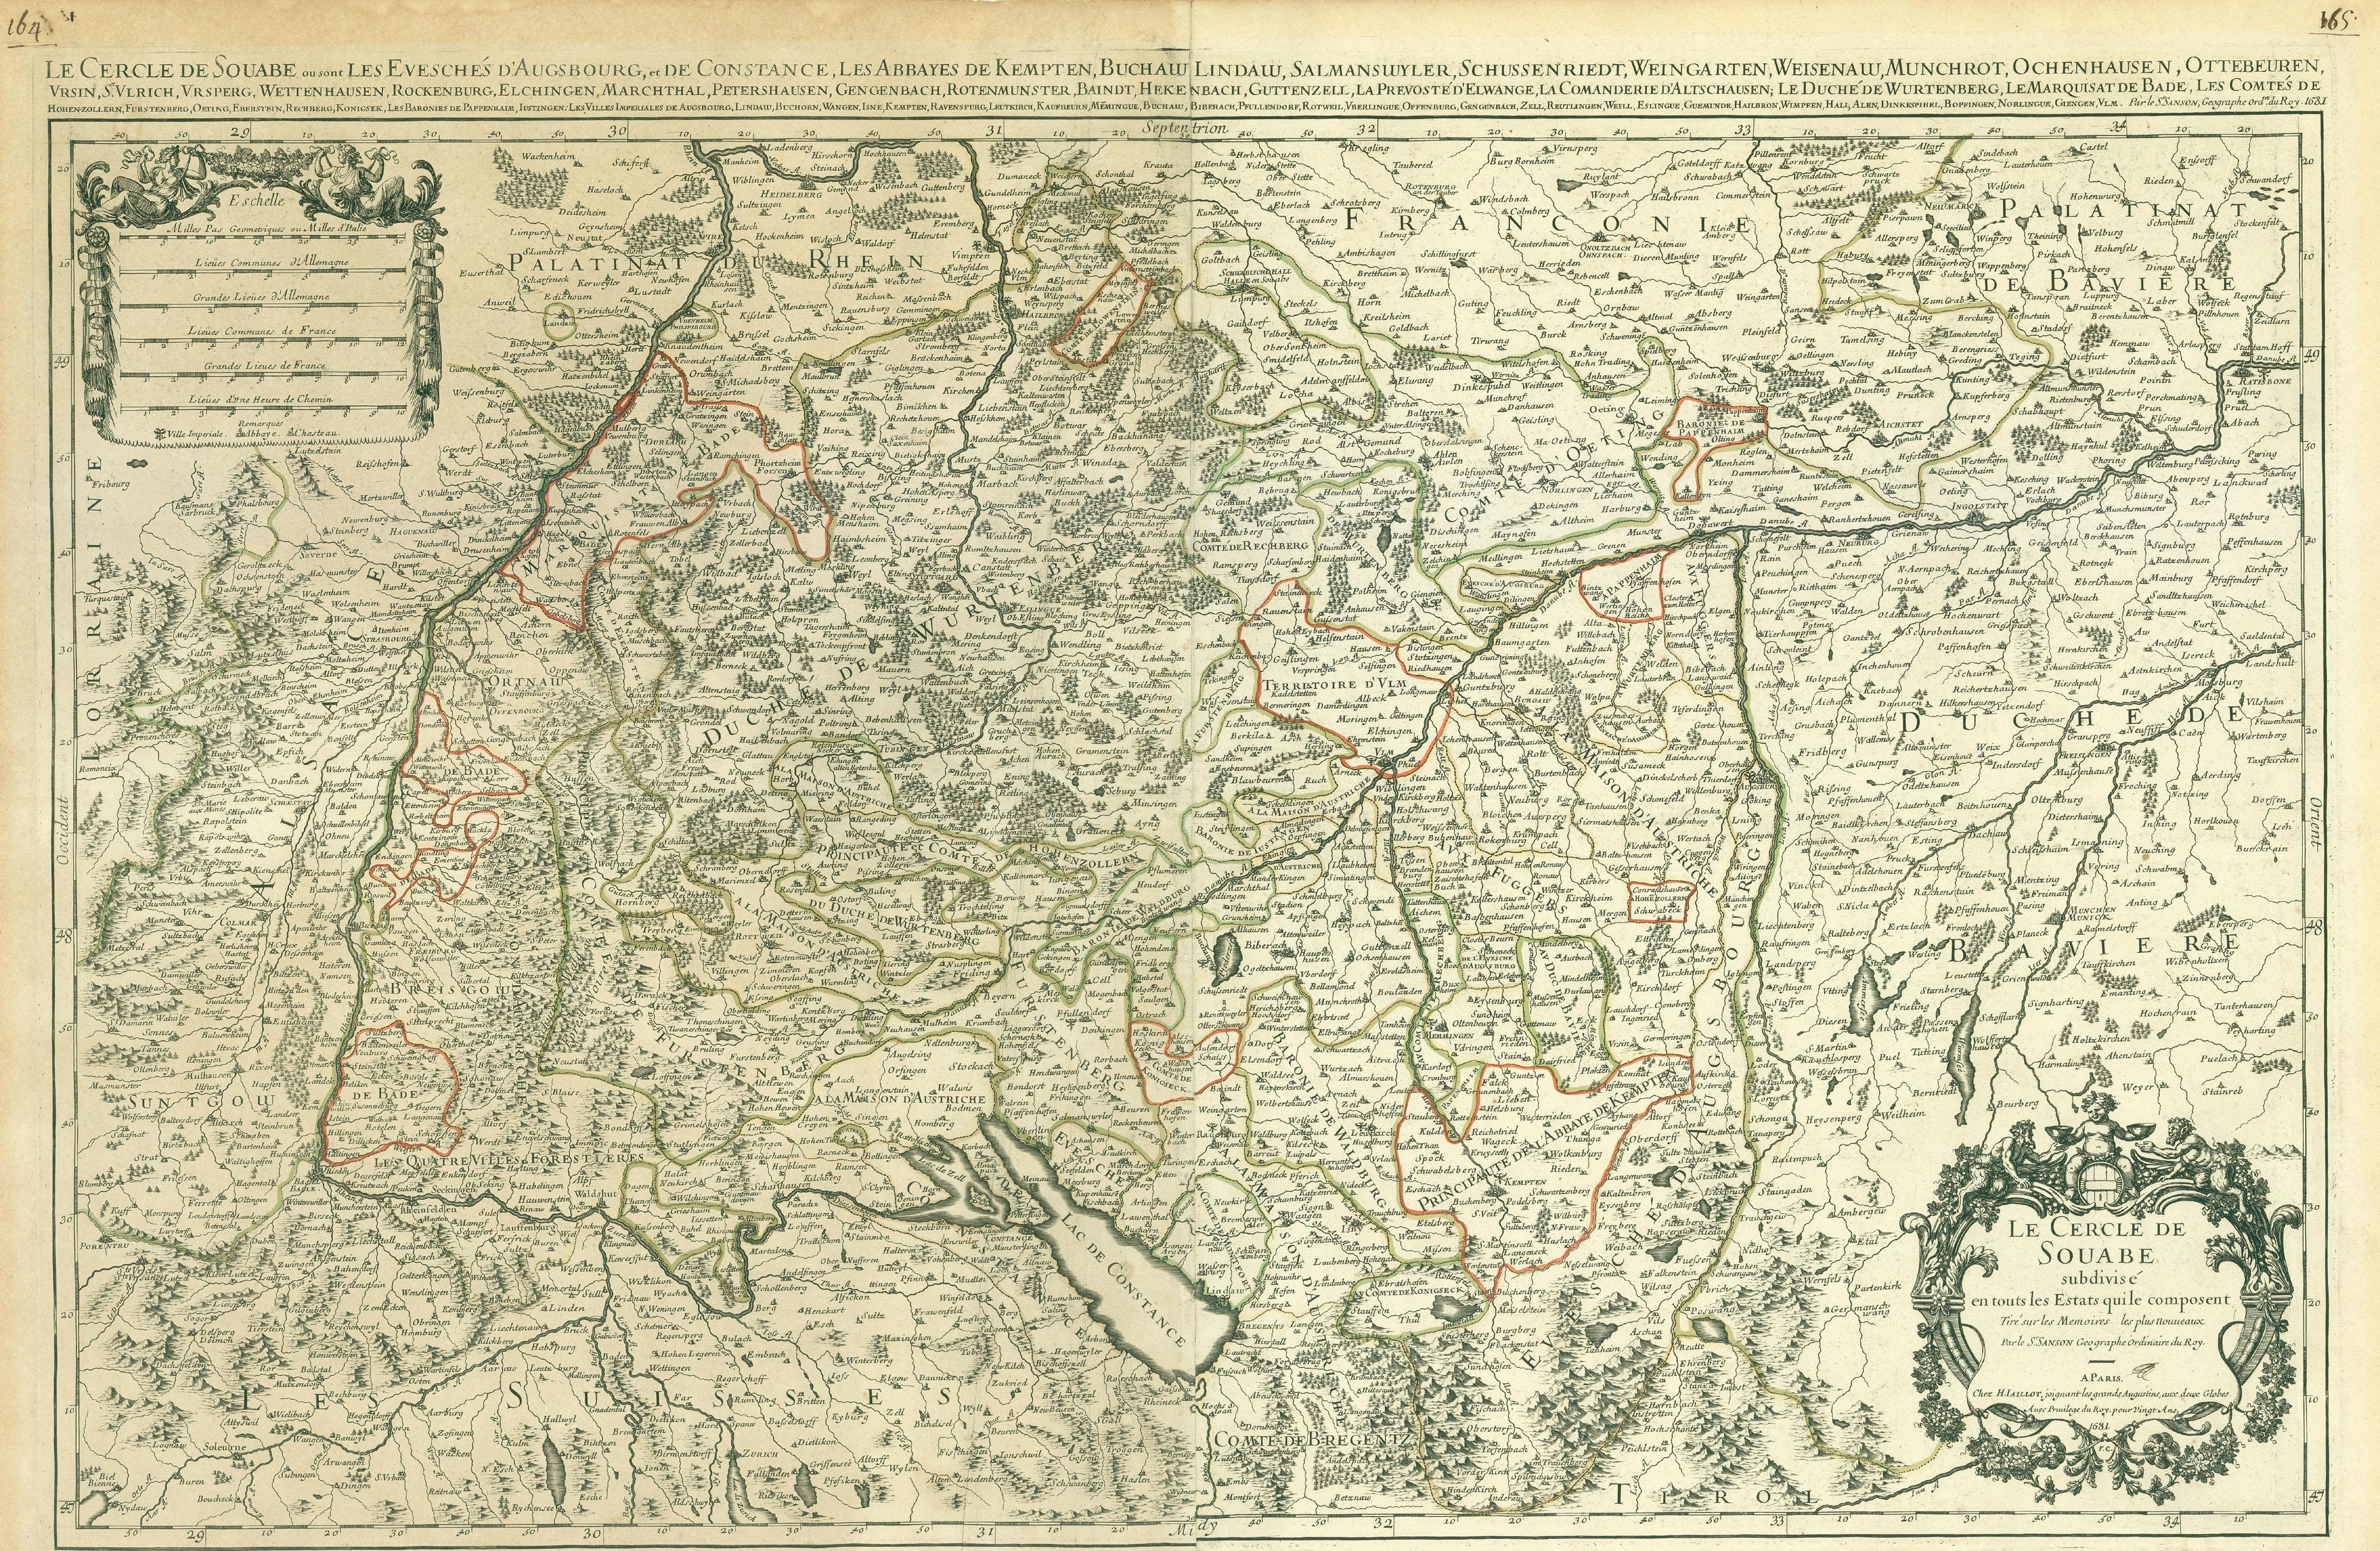 alte landkarte Datei:Historische Landkarte vom Schwäbische Reichskreis um 1680  alte landkarte